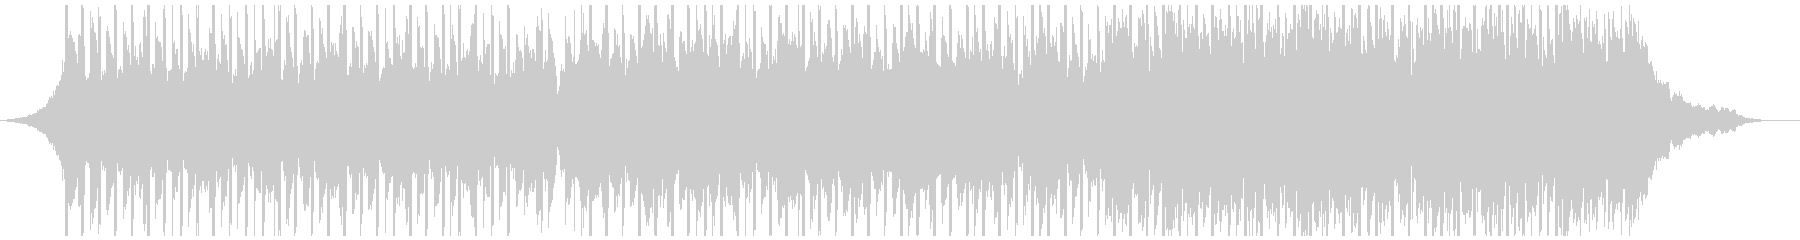 サイエンスコーポレート(60秒)の未再生の波形